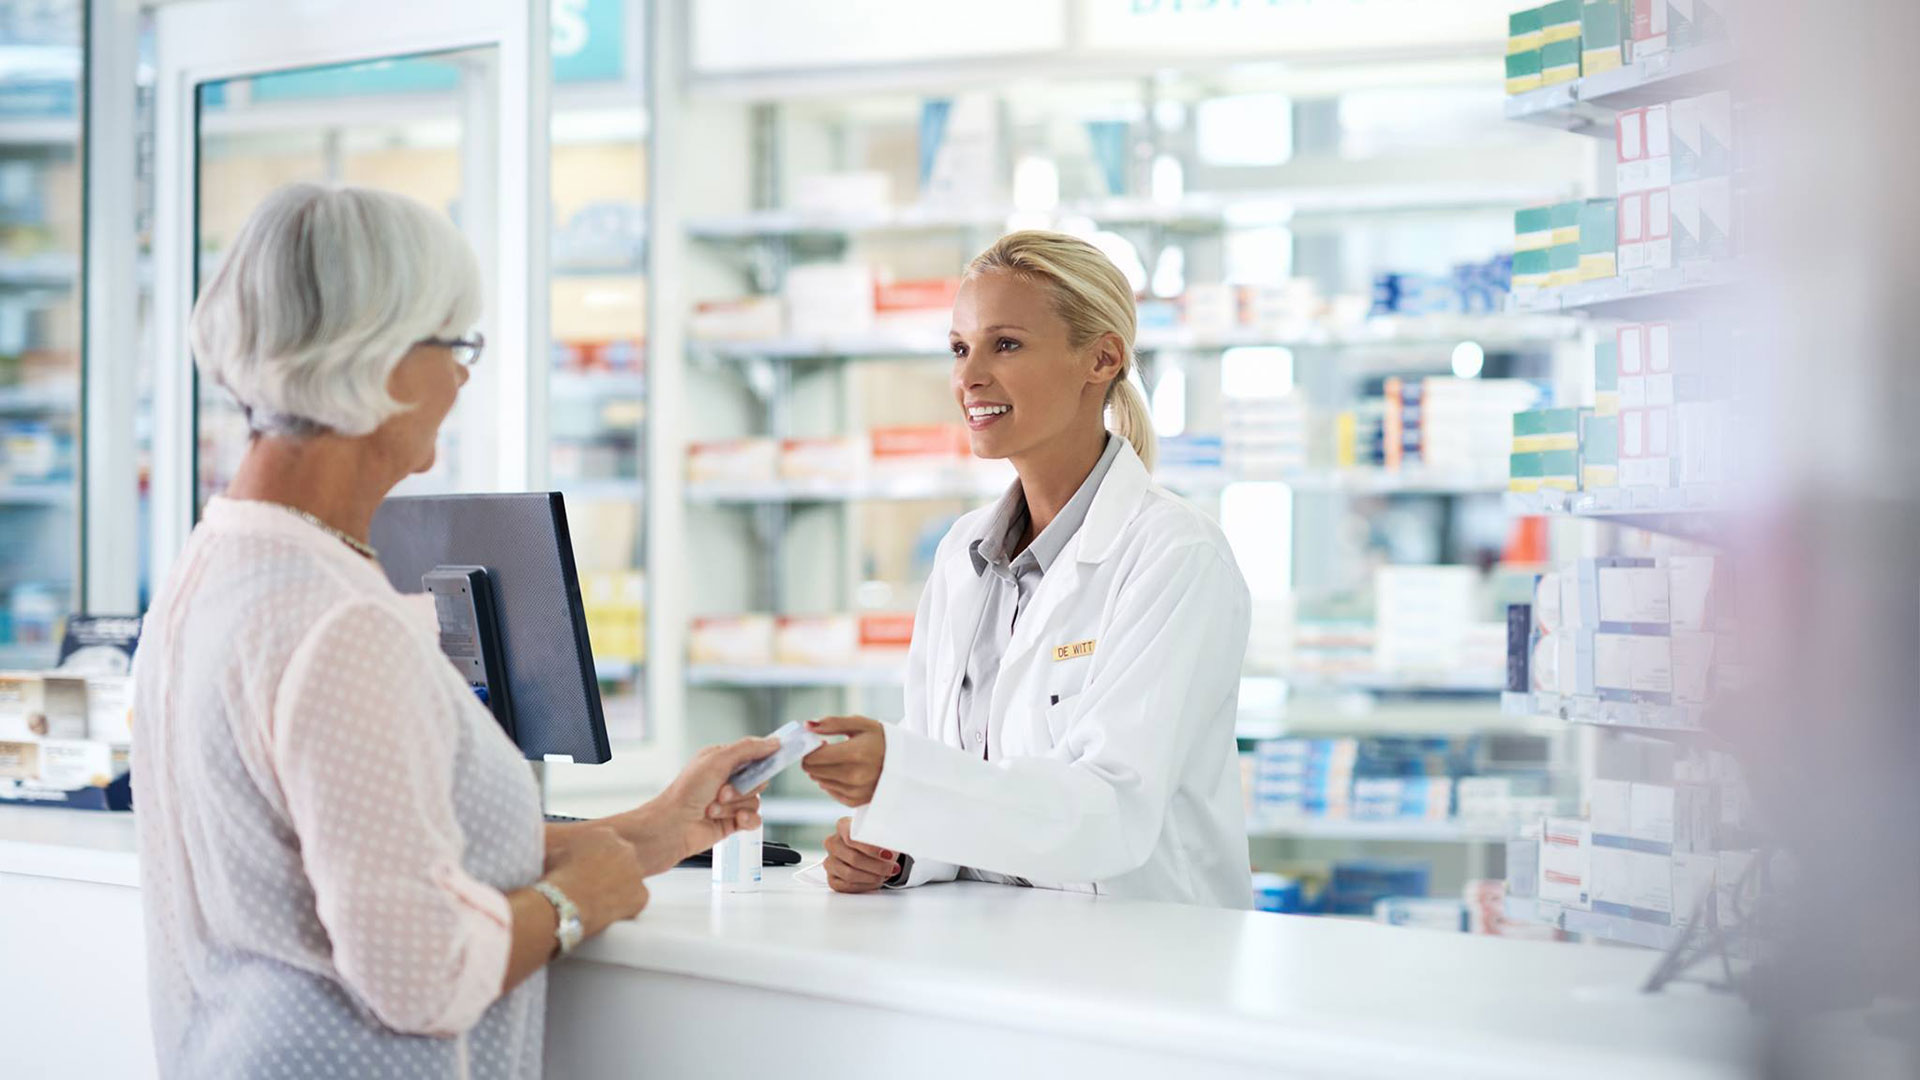 В новые рекомендации по профилактике COVID-19 включили арбидол